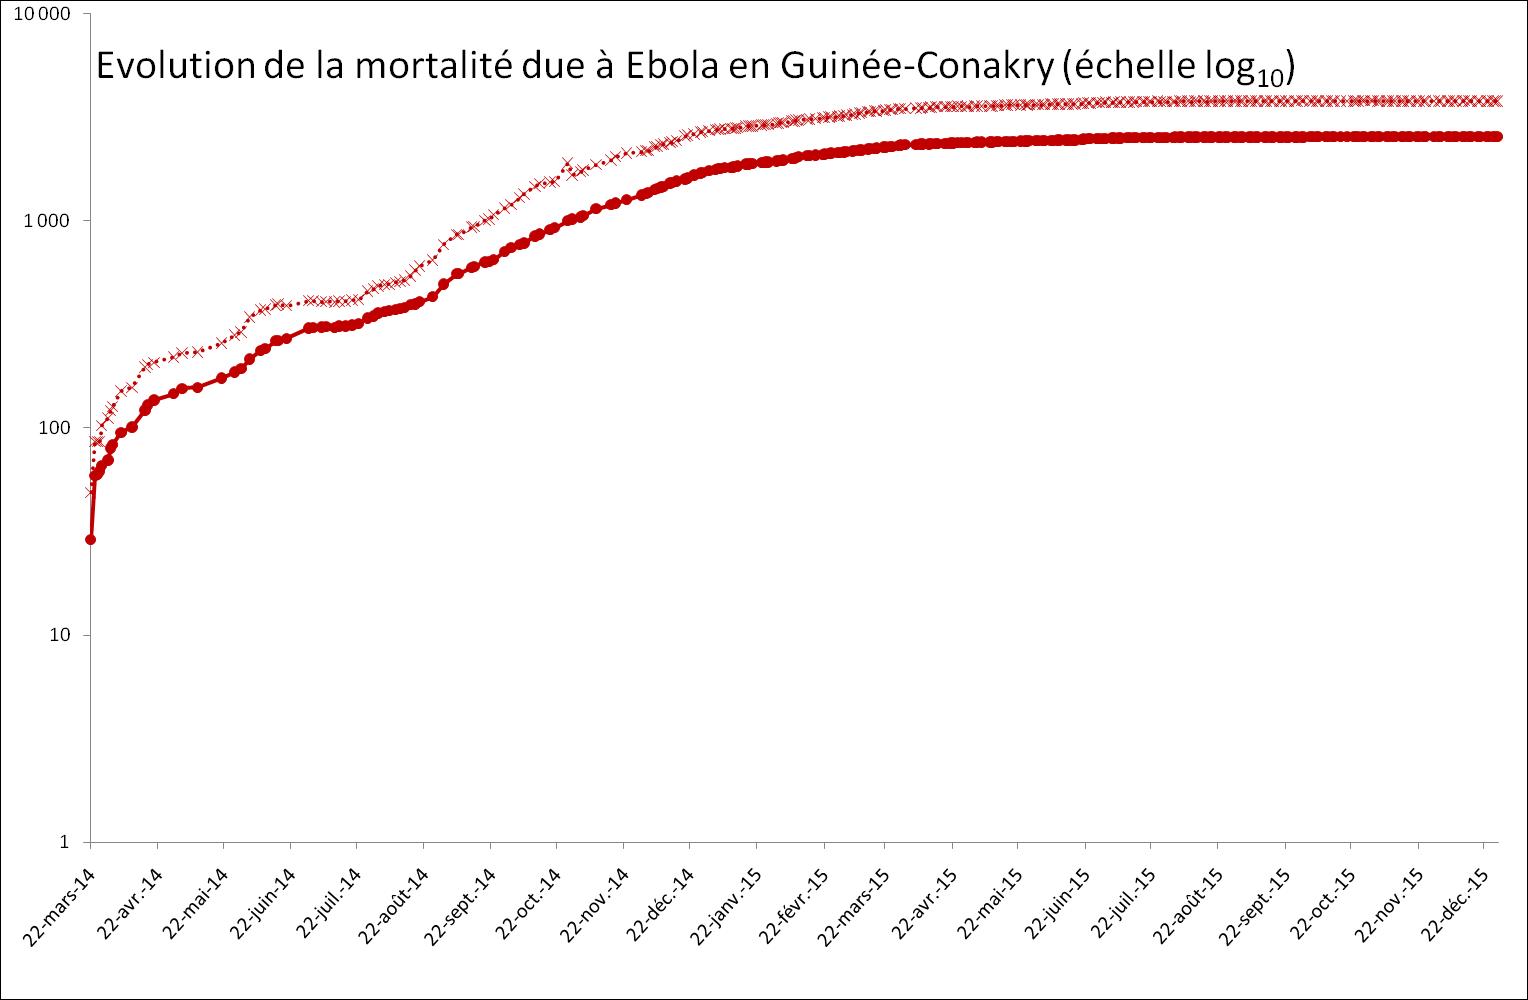 Evolution exponentielle de la mortalité provoquée par Ebola en Guinée-Conakry